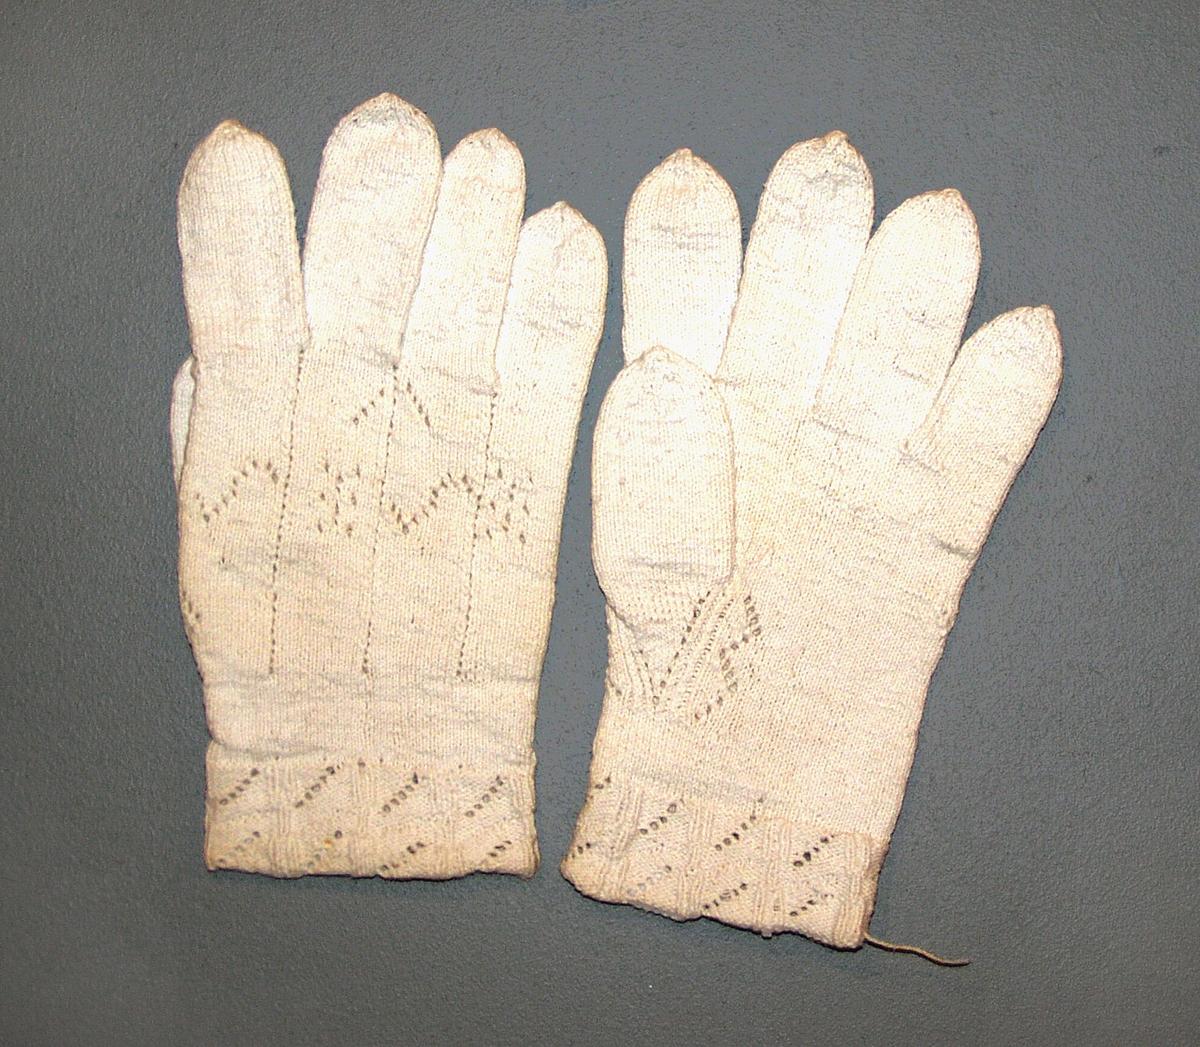 Fingervanter.  N1a.  Glattstrikking med hullmønster på håndbaken og i vrangbordene, 3 cm og i øking til tommel.